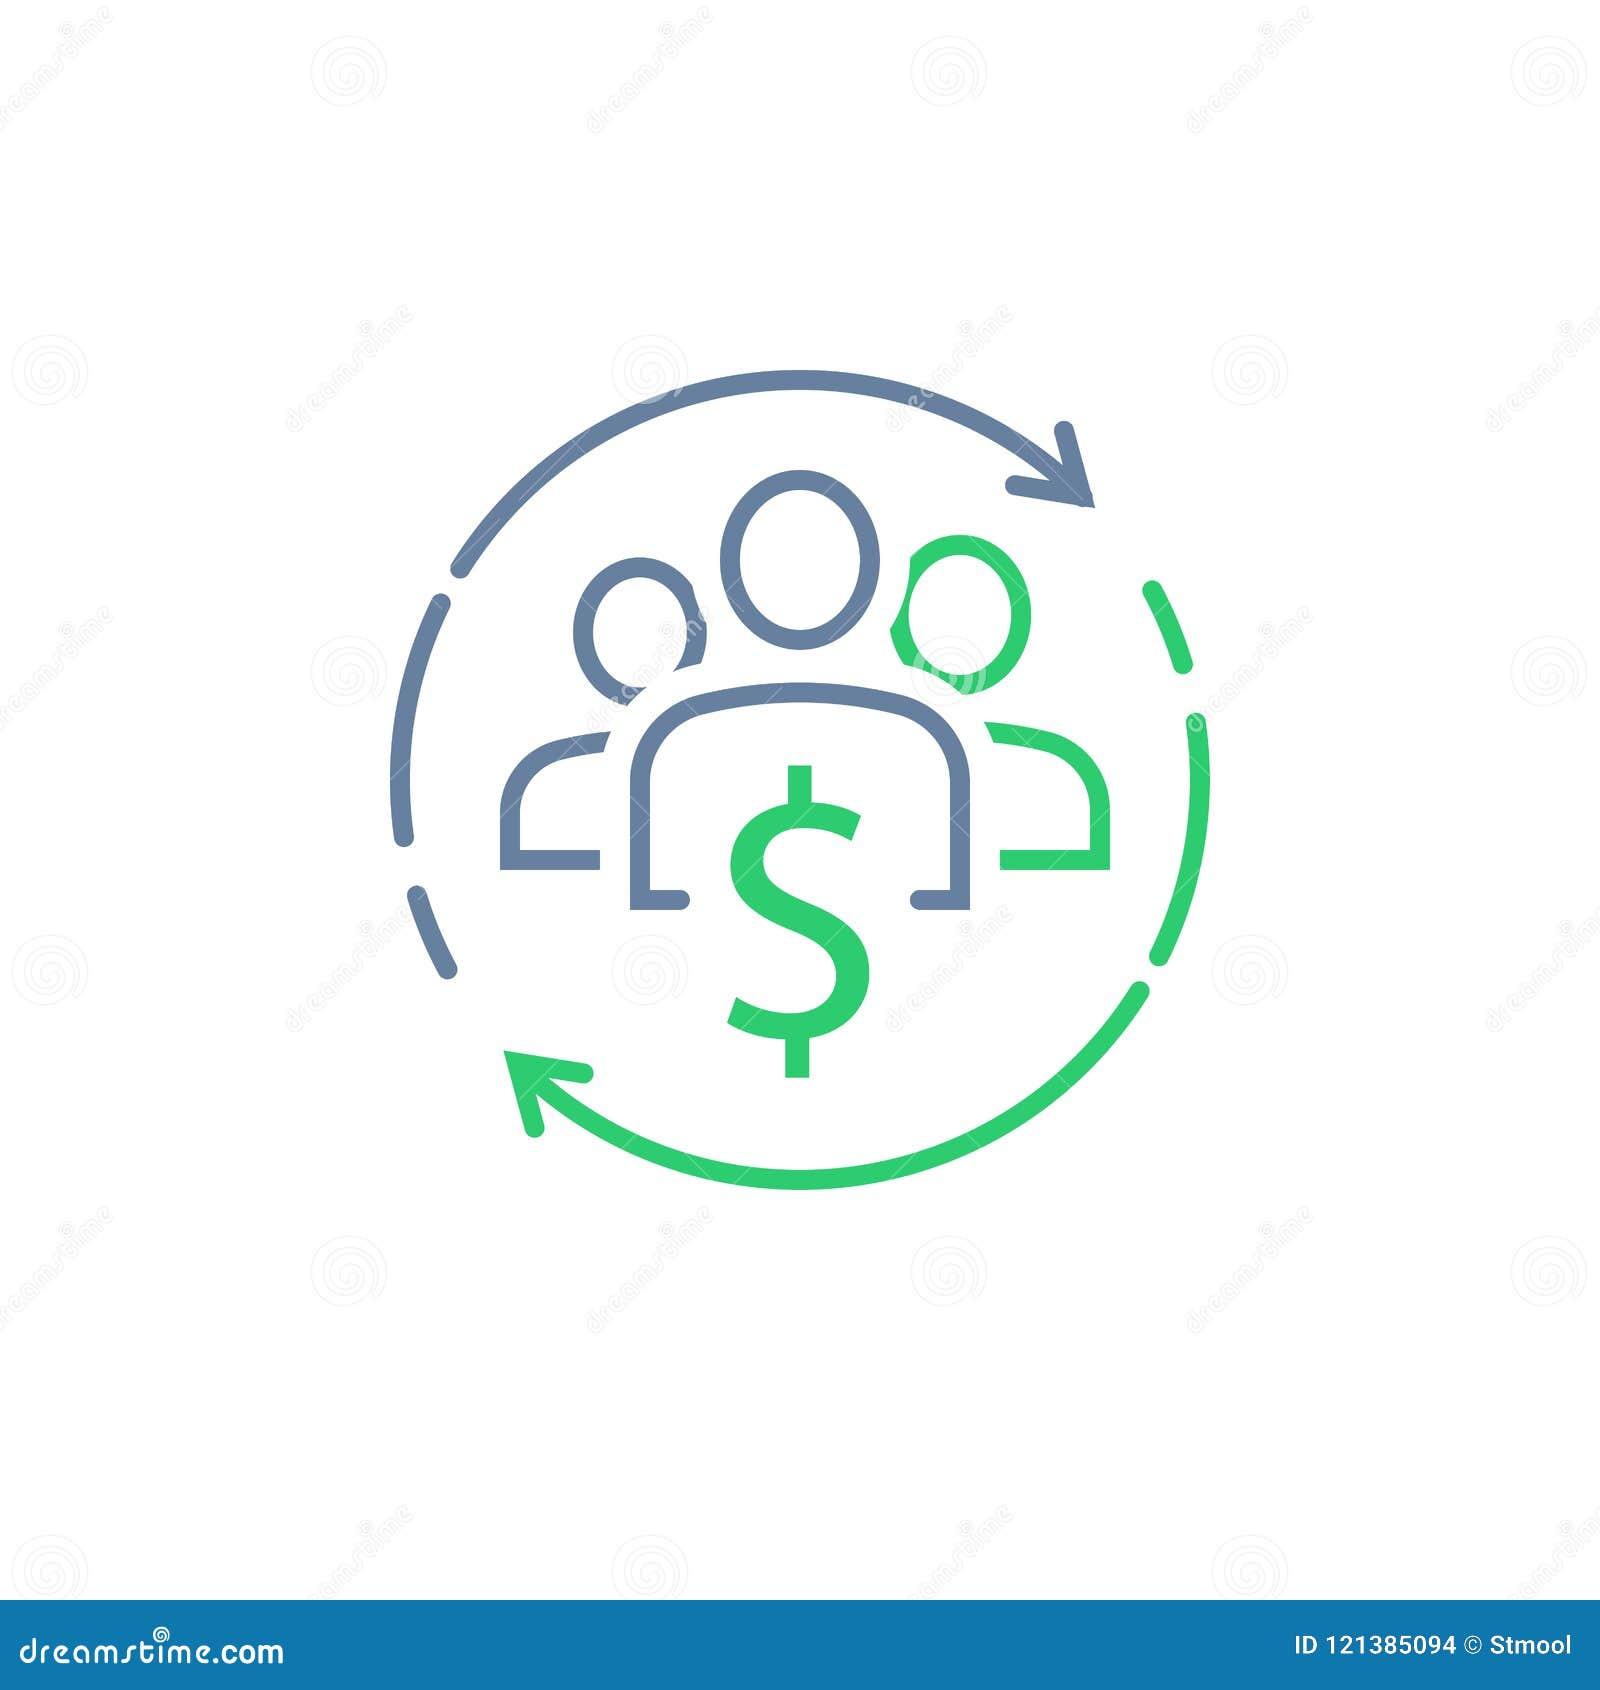 Fundusz powierniczy, korporacyjna usługa, podzielony gospodarki pojęcie, zarządzanie finansami, nowa biznesowa inwestycja, tłumu